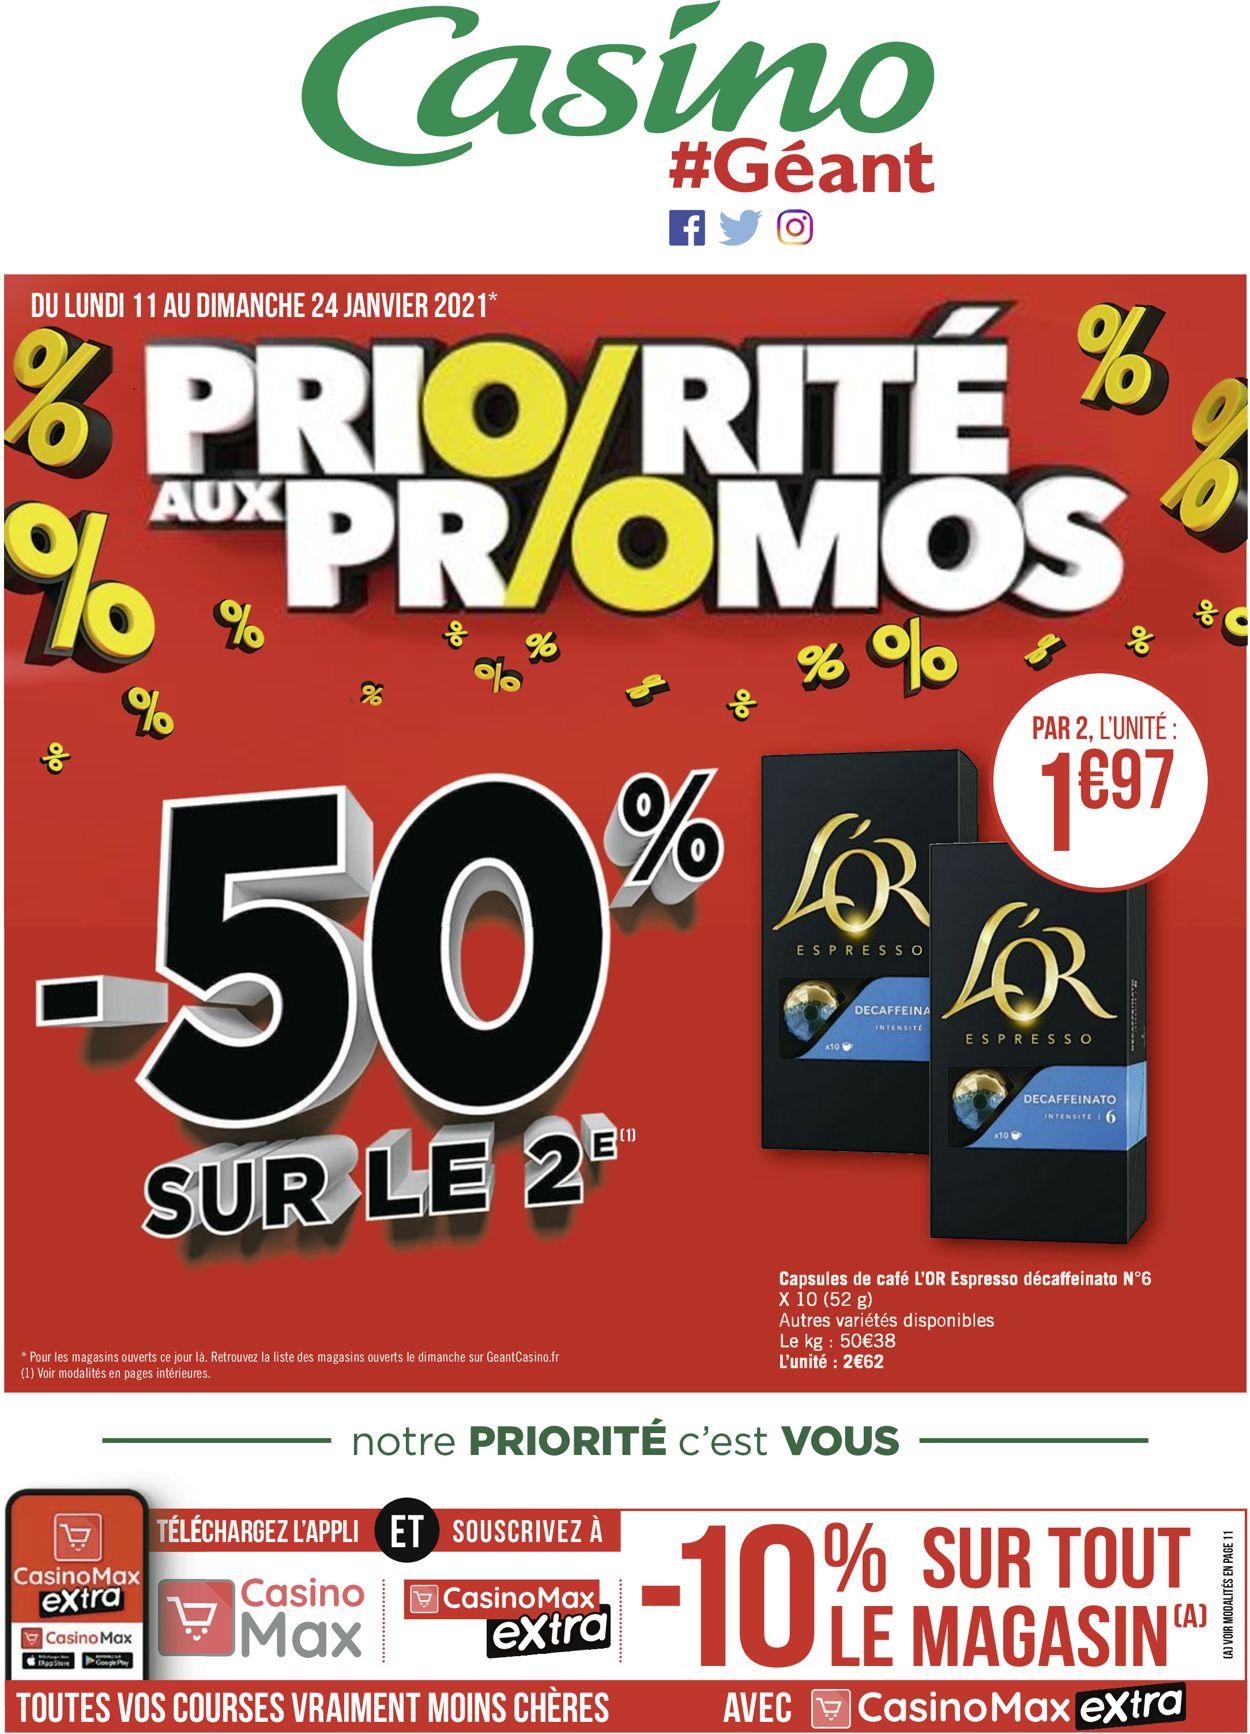 Géant Casino Priorité aux promos 2021 Catalogue - 11.01-24.01.2021